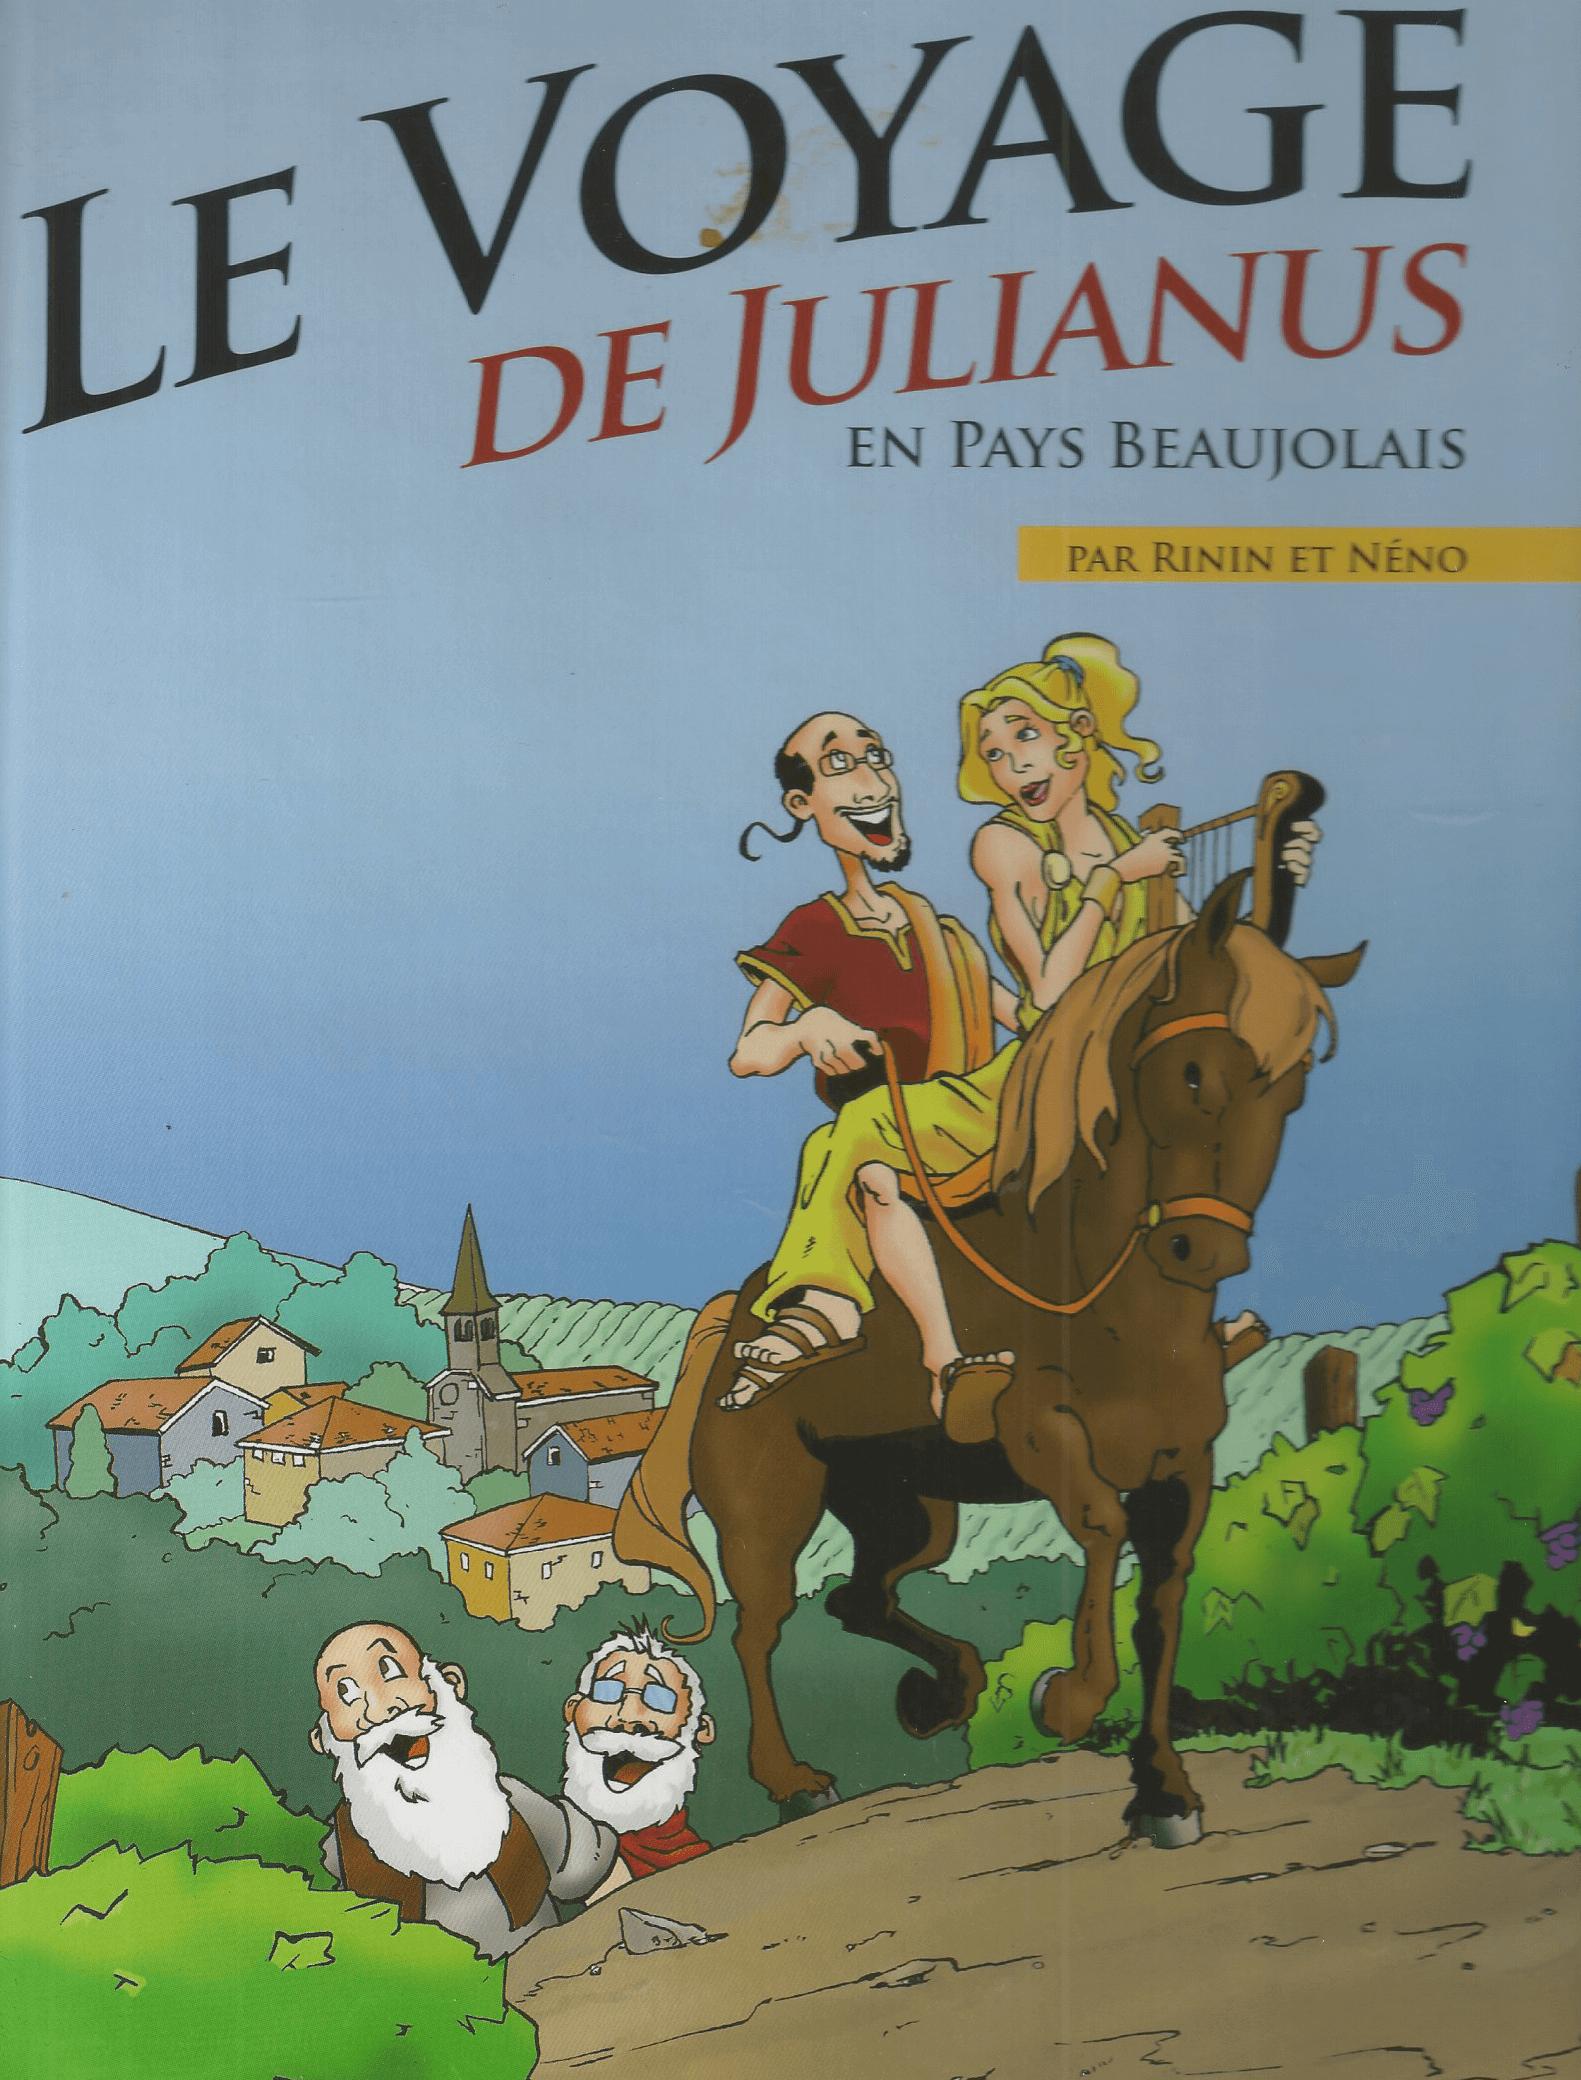 Couverture de la BD Le voyage de Julianus en Beaujolais